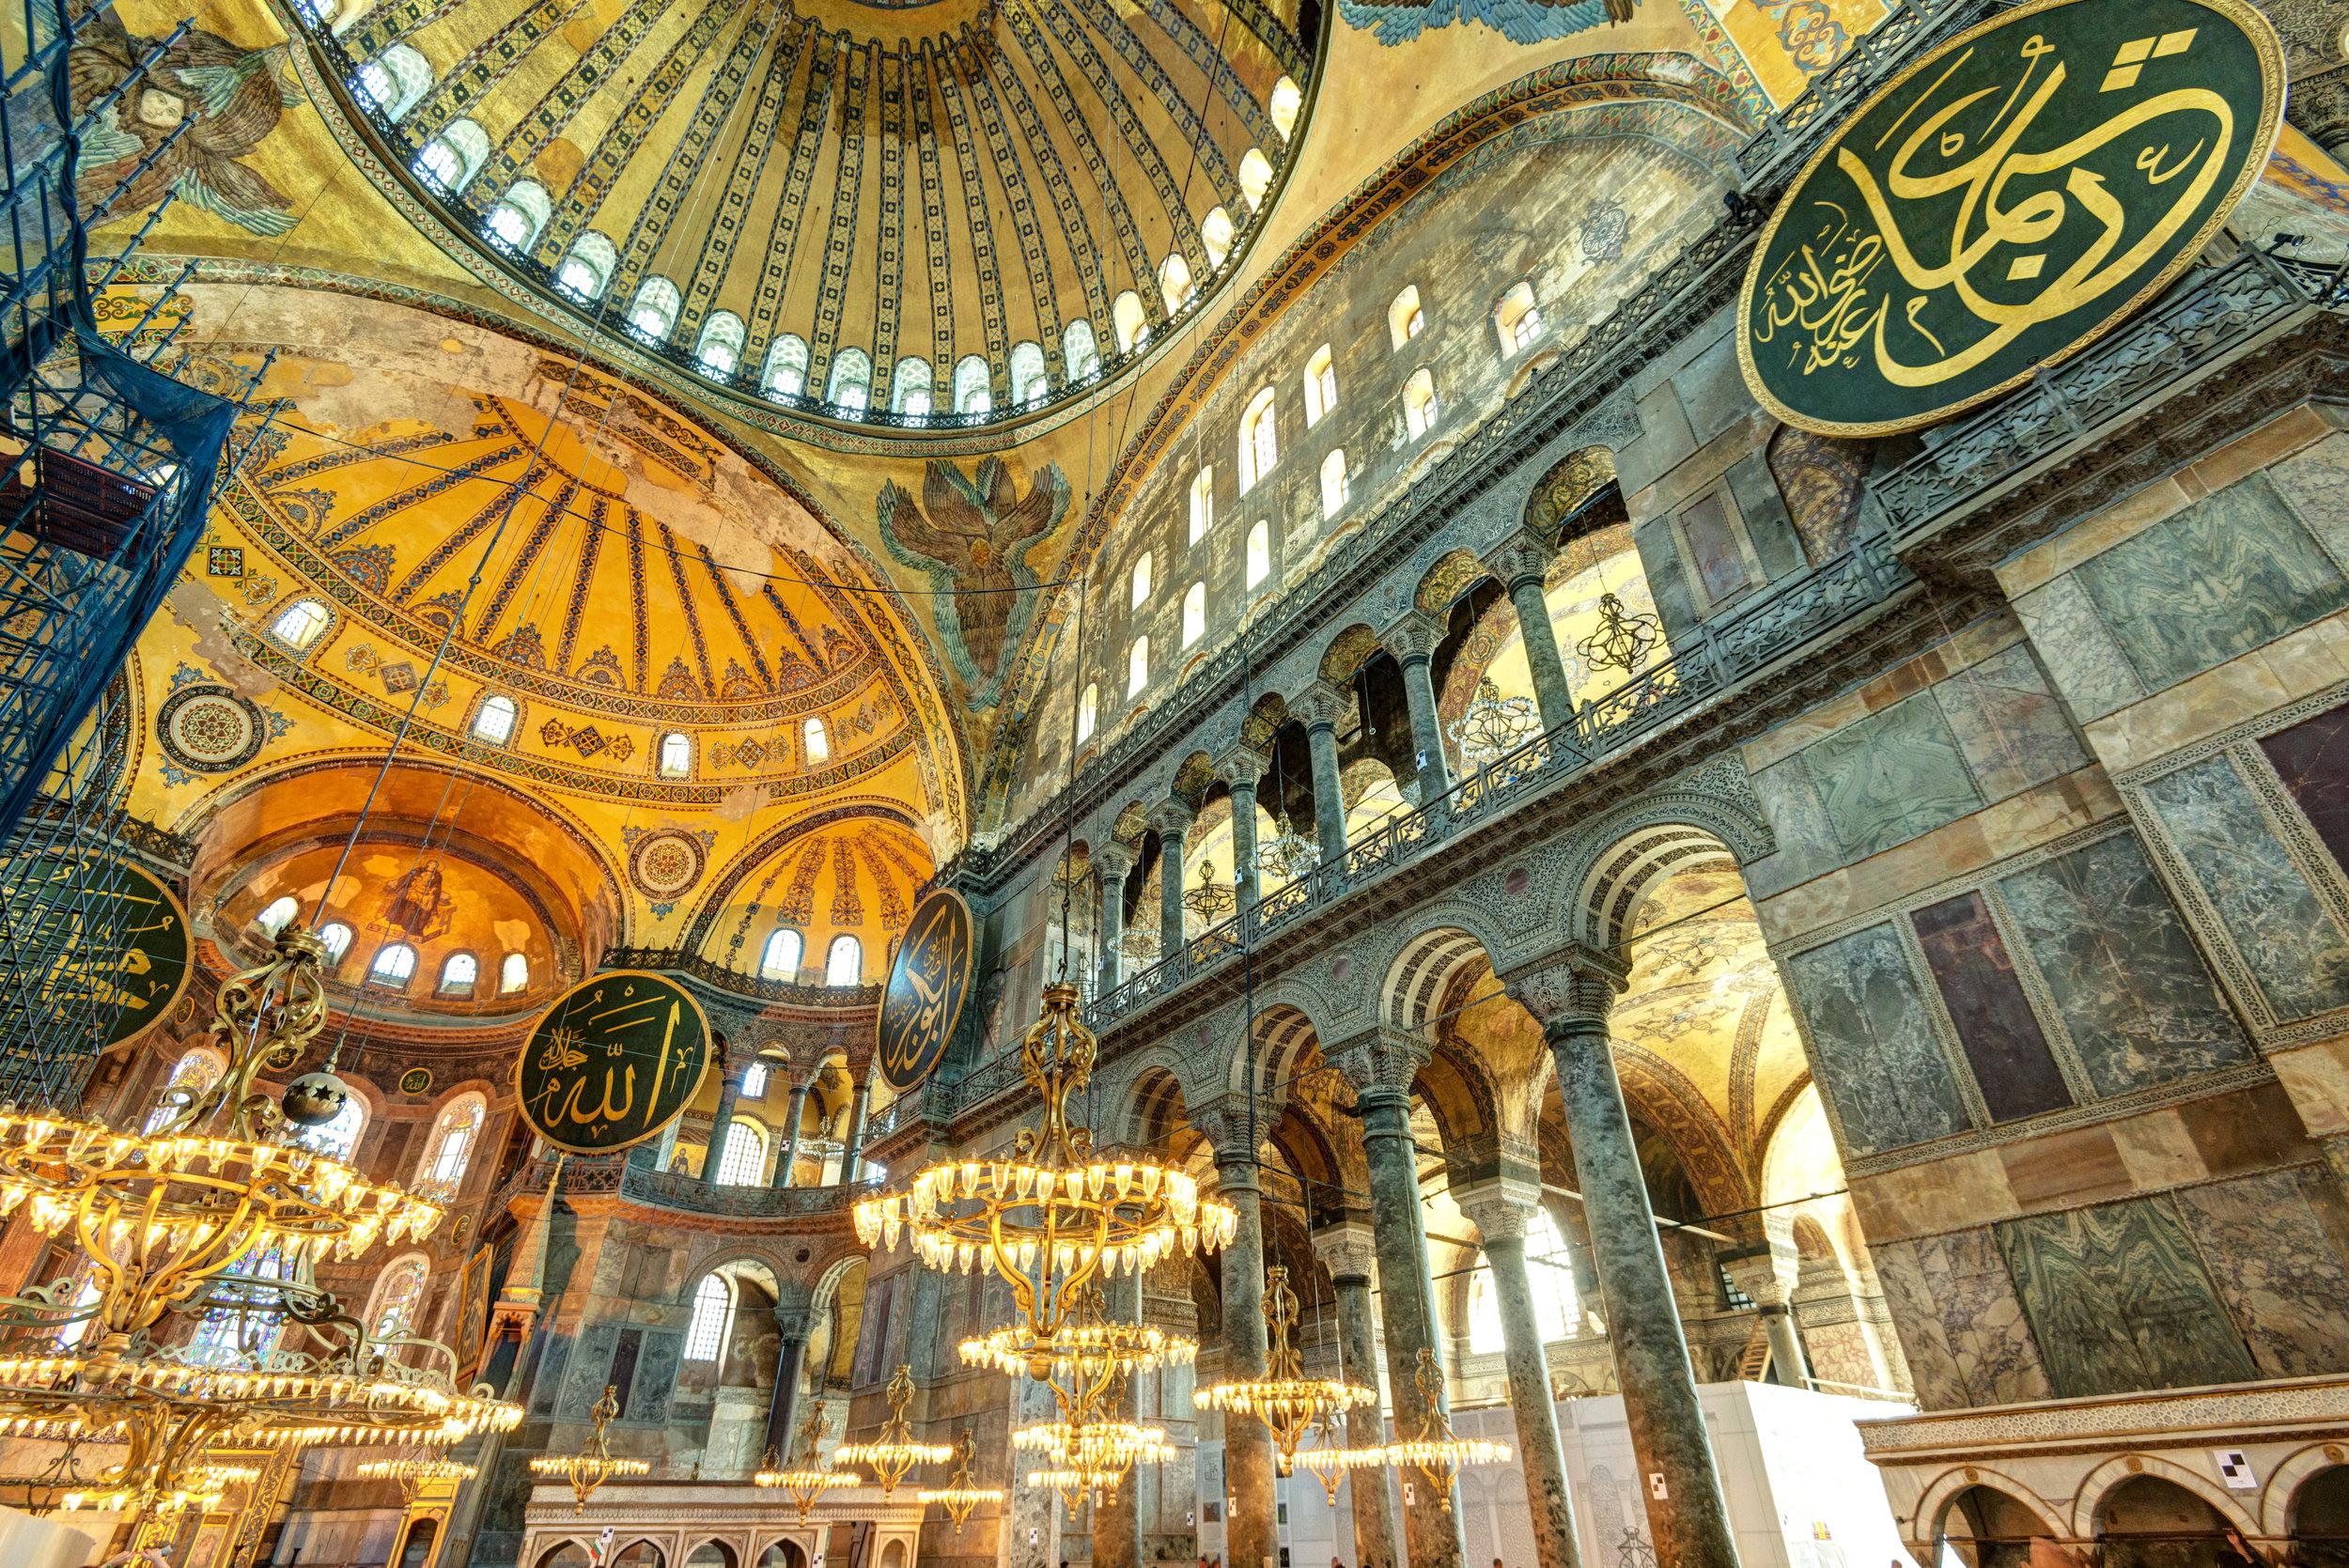 Hagia Sophia inside Turkey shutterstock_141463375.jpg